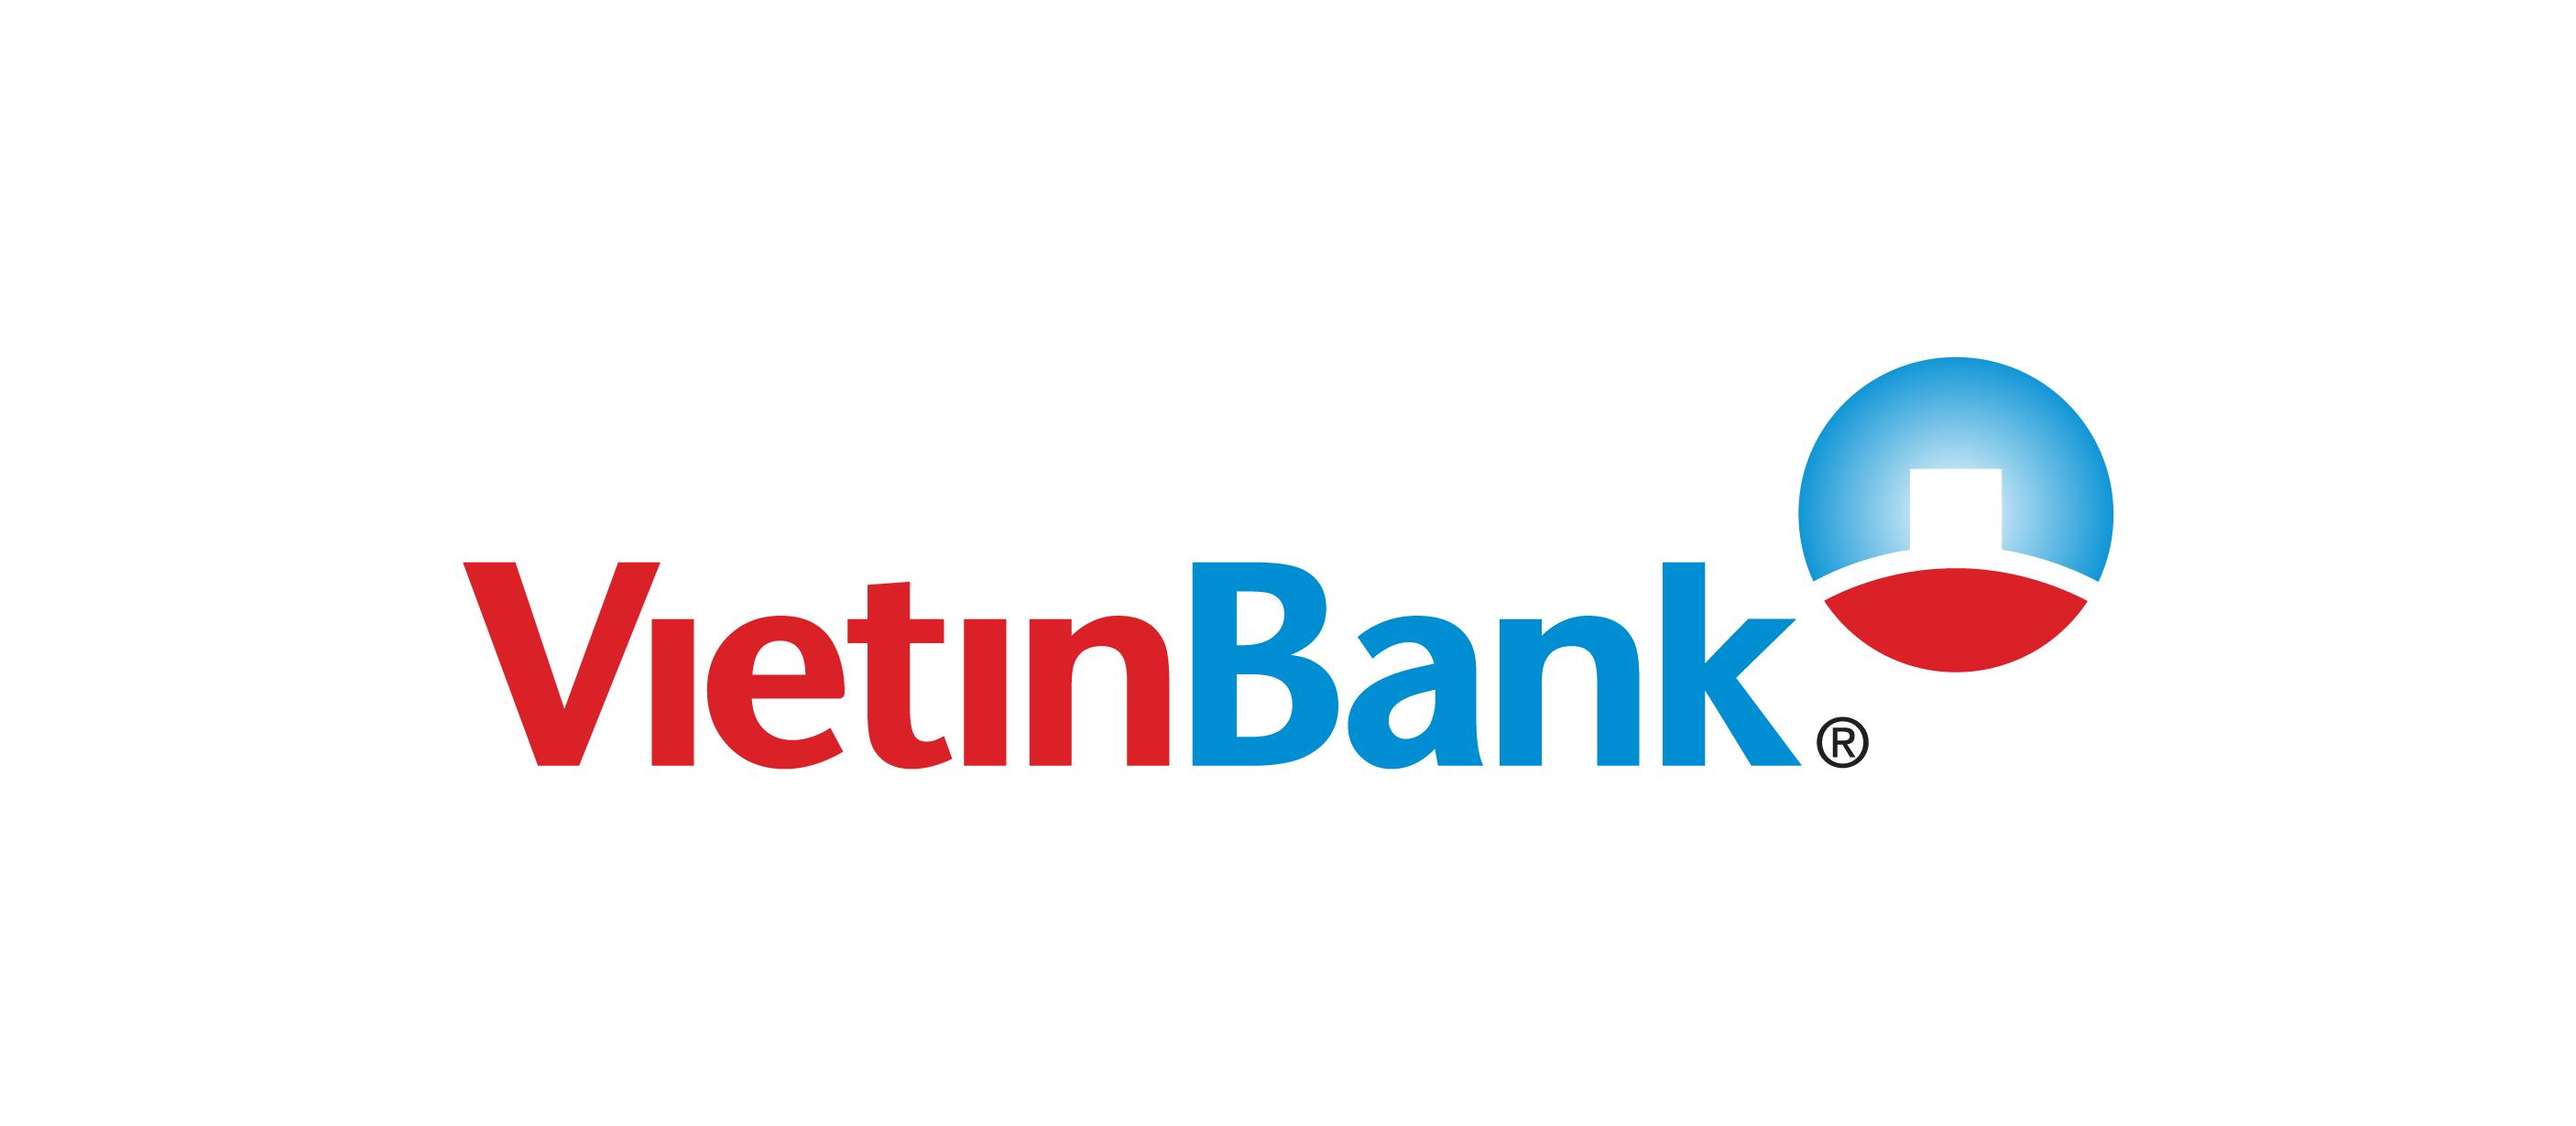 1 - Logo Vietinbank PNG - Vietinbank PNG